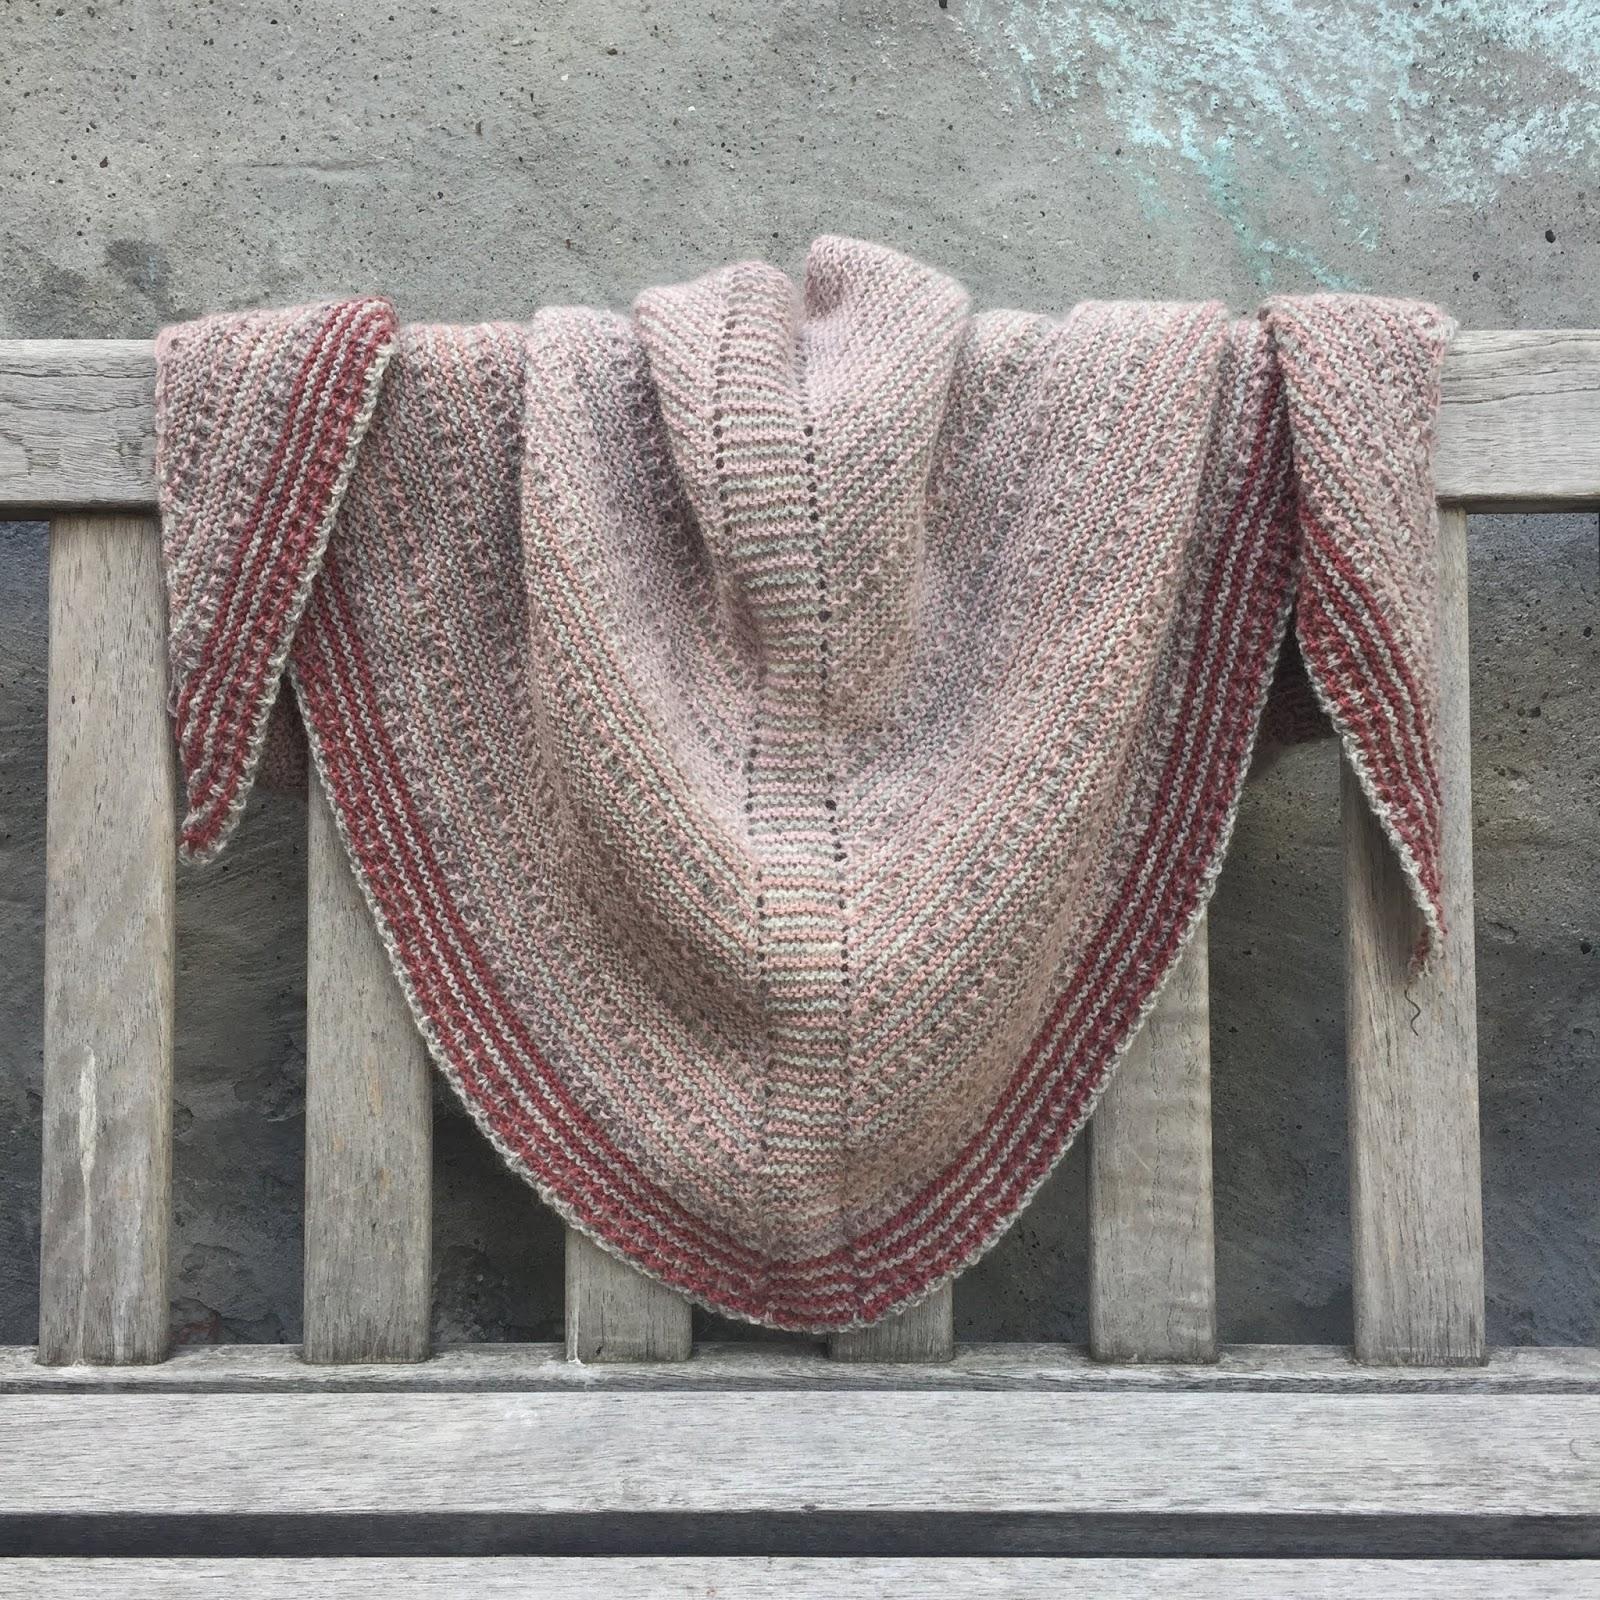 strikket sjal opskrift gratis